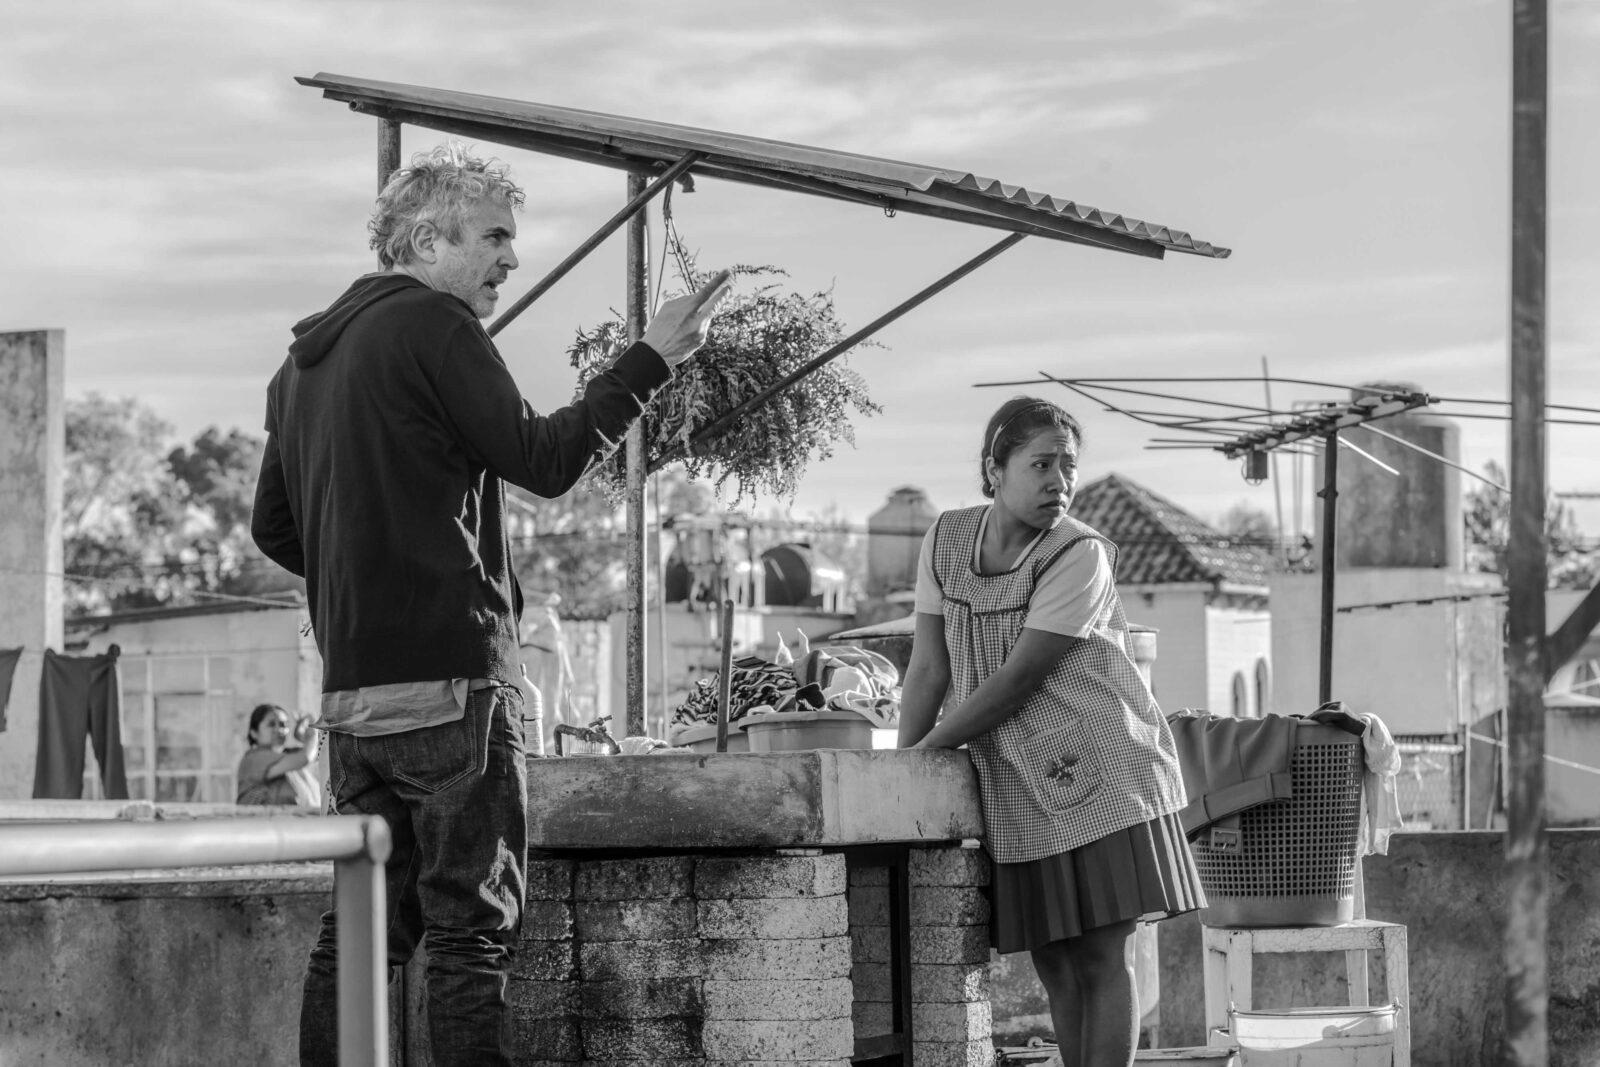 آلفونسو کوارون و یالیتزا آپاریچیو در پشت صحنه فیلم روما